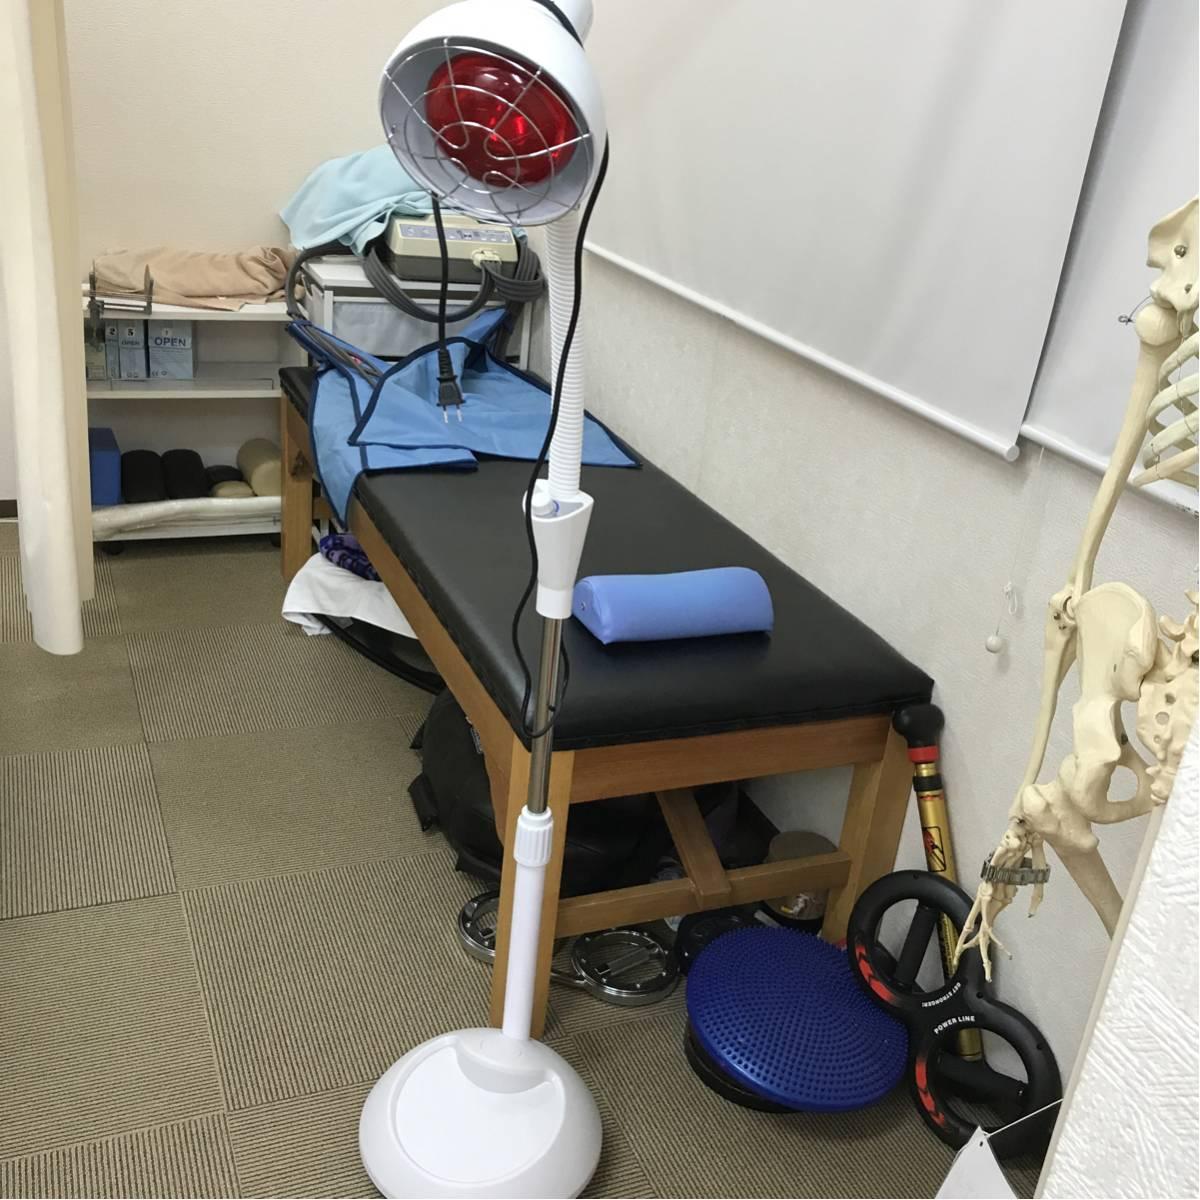 赤外線ライト ランプ 最高出力220w 新品 整体 整骨院 鍼灸 カイロプラクティック_画像1